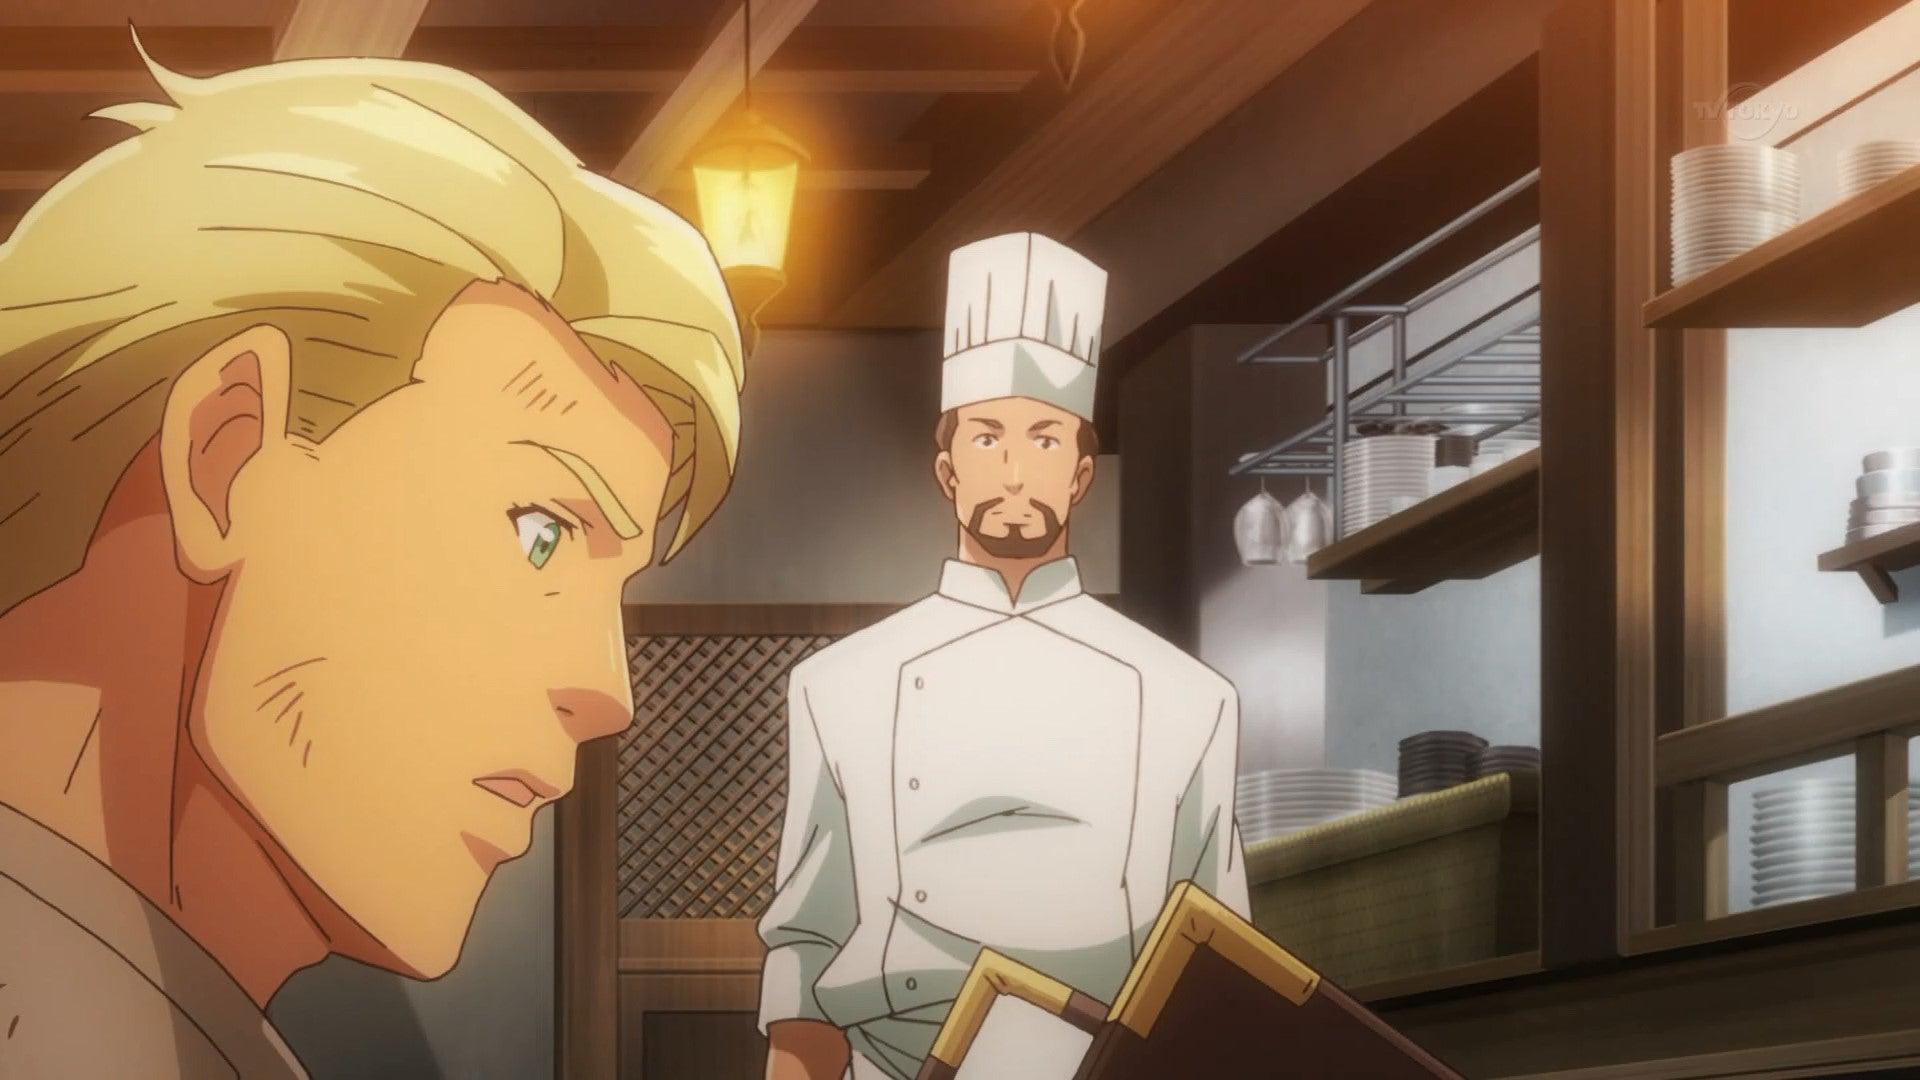 異世界食堂2話の感想『仲間を見殺しにした凶行が良い話風に描かれる』